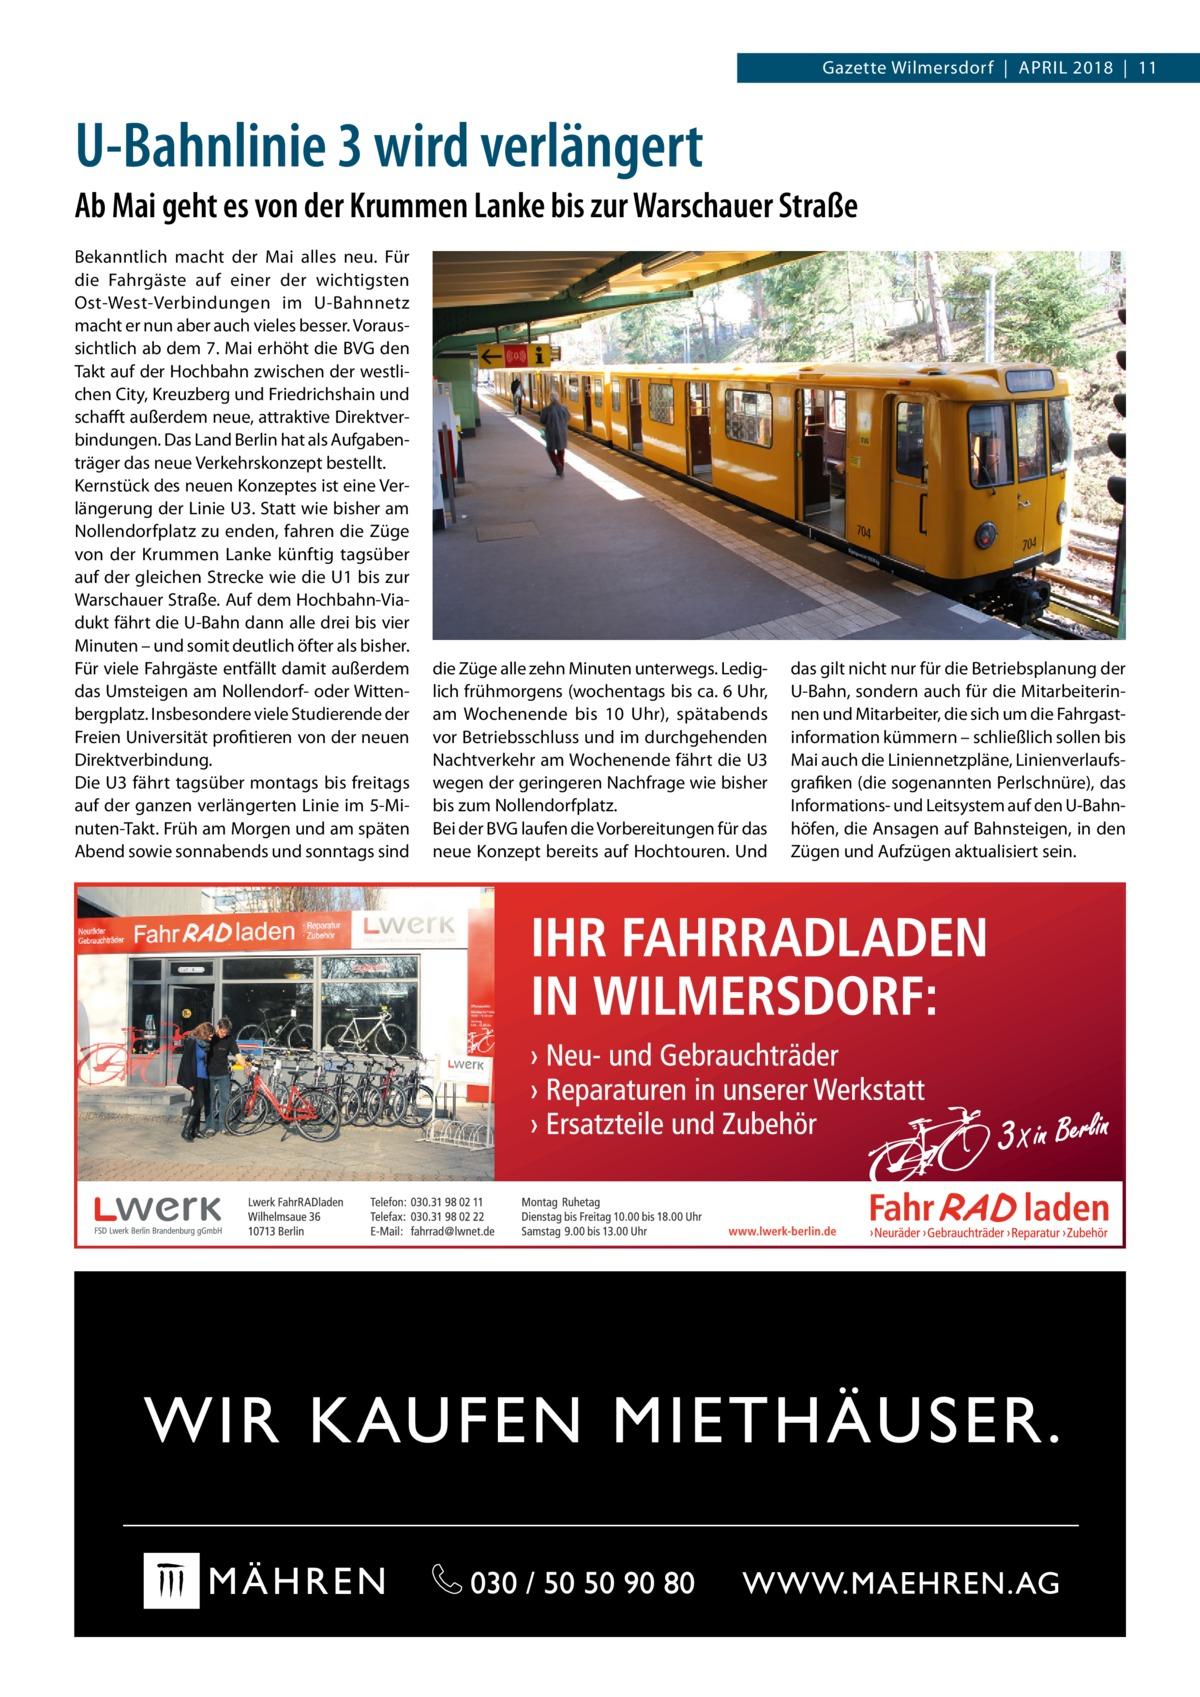 Gazette Wilmersdorf|April 2018|11  U-Bahnlinie 3 wird verlängert Ab Mai geht es von der Krummen Lanke bis zur Warschauer Straße Bekanntlich macht der Mai alles neu. Für die Fahrgäste auf einer der wichtigsten Ost-West-Verbindungen im U-Bahnnetz macht er nun aber auch vieles besser. Voraussichtlich ab dem 7.Mai erhöht die BVG den Takt auf der Hochbahn zwischen der westlichen City, Kreuzberg und Friedrichshain und schafft außerdem neue, attraktive Direktverbindungen. Das Land Berlin hat als Aufgabenträger das neue Verkehrskonzept bestellt. Kernstück des neuen Konzeptes ist eine Verlängerung der LinieU3. Statt wie bisher am Nollendorfplatz zu enden, fahren die Züge von der Krummen Lanke künftig tagsüber auf der gleichen Strecke wie die U1 bis zur Warschauer Straße. Auf dem Hochbahn-Viadukt fährt die U-Bahn dann alle drei bis vier Minuten – und somit deutlich öfter als bisher. Für viele Fahrgäste entfällt damit außerdem das Umsteigen am Nollendorf- oder Wittenbergplatz. Insbesondere viele Studierende der Freien Universität profitieren von der neuen Direktverbindung. Die U3 fährt tagsüber montags bis freitags auf der ganzen verlängerten Linie im 5-Minuten-Takt. Früh am Morgen und am späten Abend sowie sonnabends und sonntags sind  die Züge alle zehn Minuten unterwegs. Lediglich frühmorgens (wochentags bis ca. 6Uhr, am Wochenende bis 10 Uhr), spätabends vor Betriebsschluss und im durchgehenden Nachtverkehr am Wochenende fährt die U3 wegen der geringeren Nachfrage wie bisher bis zum Nollendorfplatz. Bei der BVG laufen die Vorbereitungen für das neue Konzept bereits auf Hochtouren. Und  das gilt nicht nur für die Betriebsplanung der U-Bahn, sondern auch für die Mitarbeiterinnen und Mitarbeiter, die sich um die Fahrgast information kümmern – schließlich sollen bis Mai auch die Liniennetzpläne, Linienverlaufsgrafiken (die sogenannten Perlschnüre), das Informations- und Leitsystem auf den U-Bahnhöfen, die Ansagen auf Bahnsteigen, in den Zügen und Aufzügen aktualisiert sein.